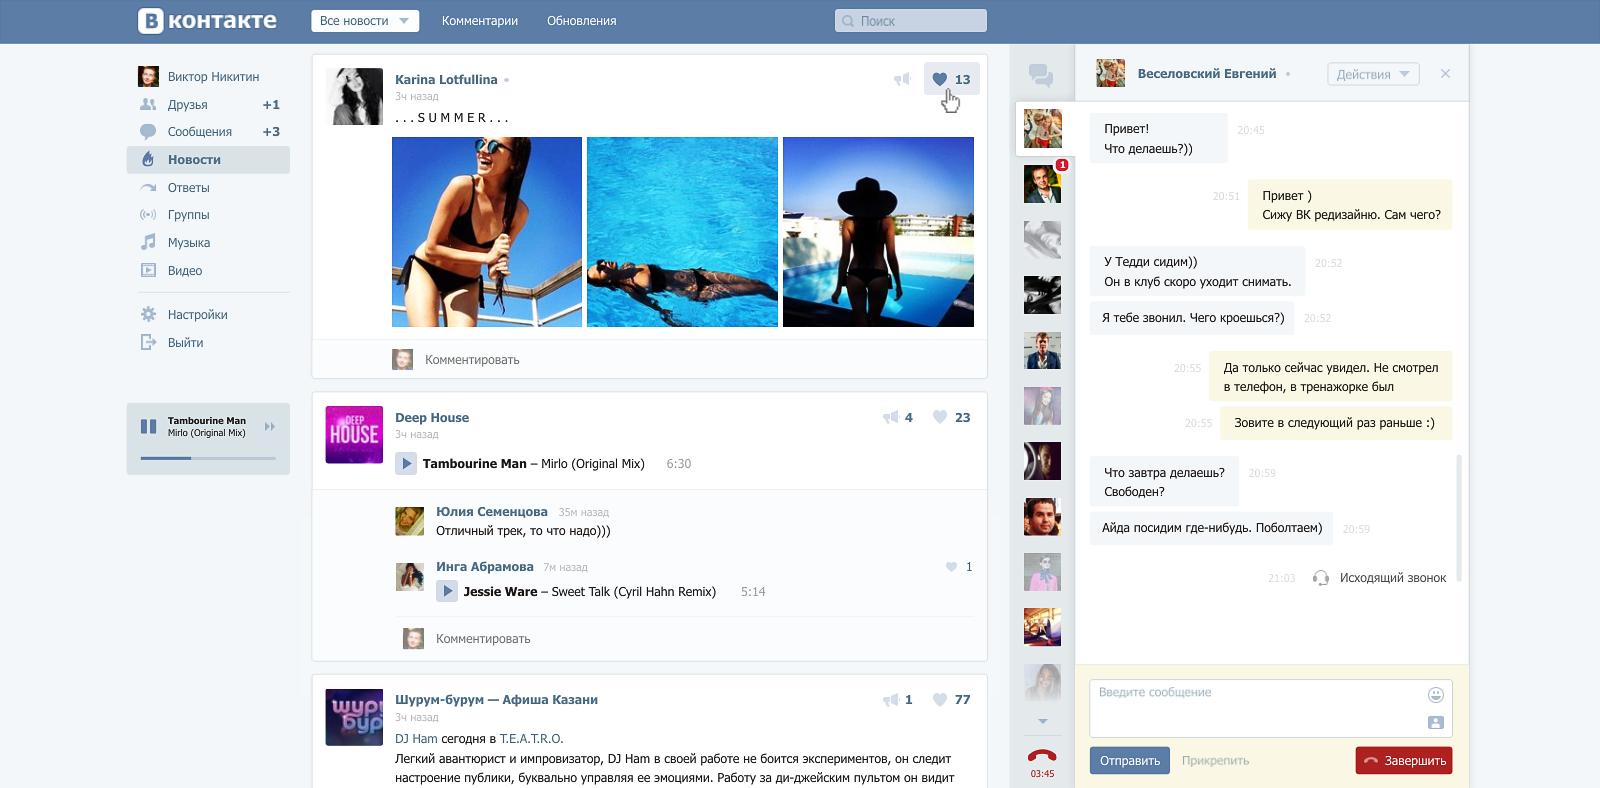 Редизайн Вконтакте под 1440пк+ - 24